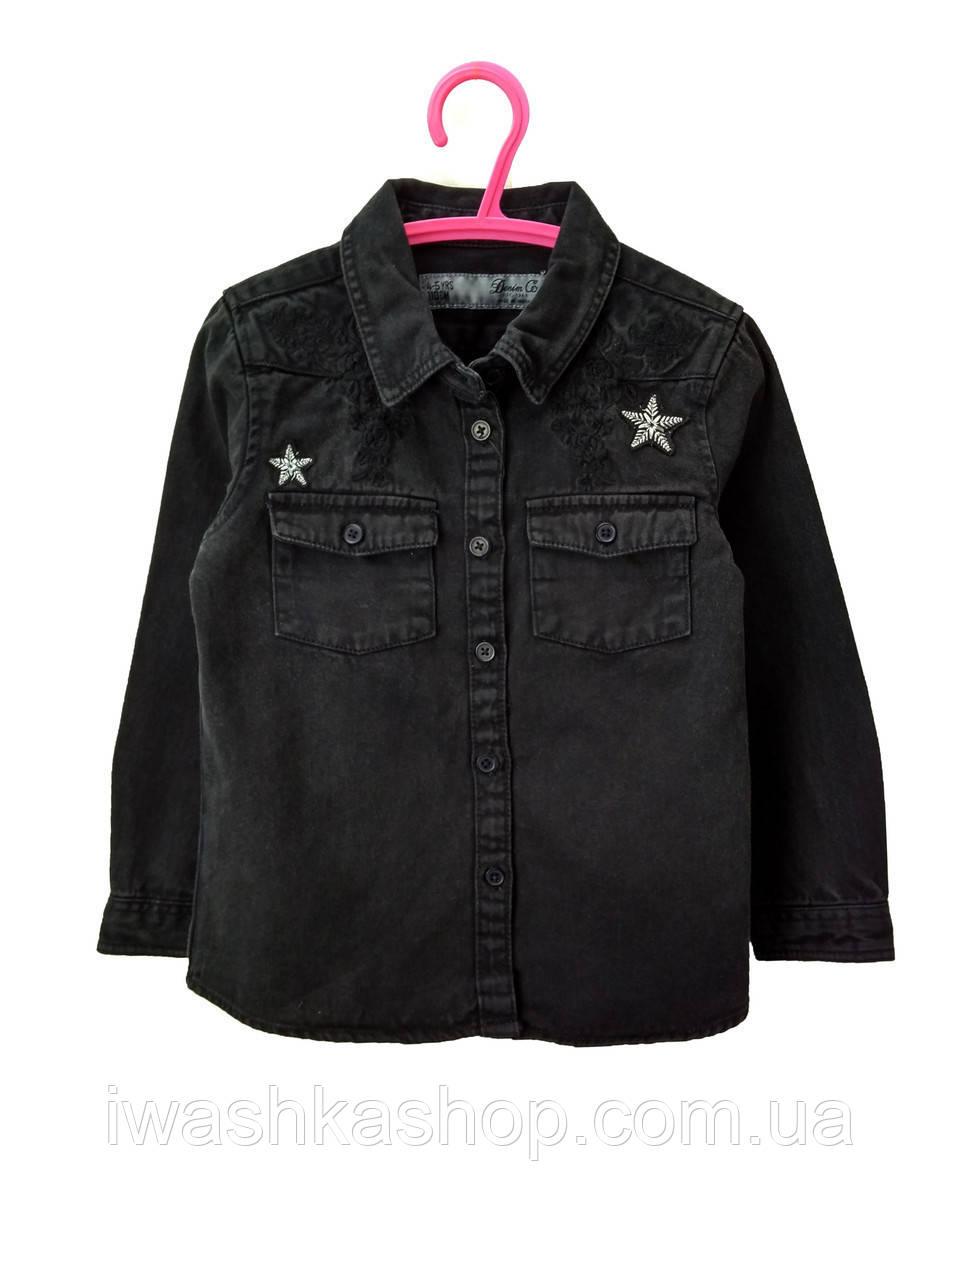 Черная джинсовая рубашка для девочки 4 - 5 лет, Primark р. 110